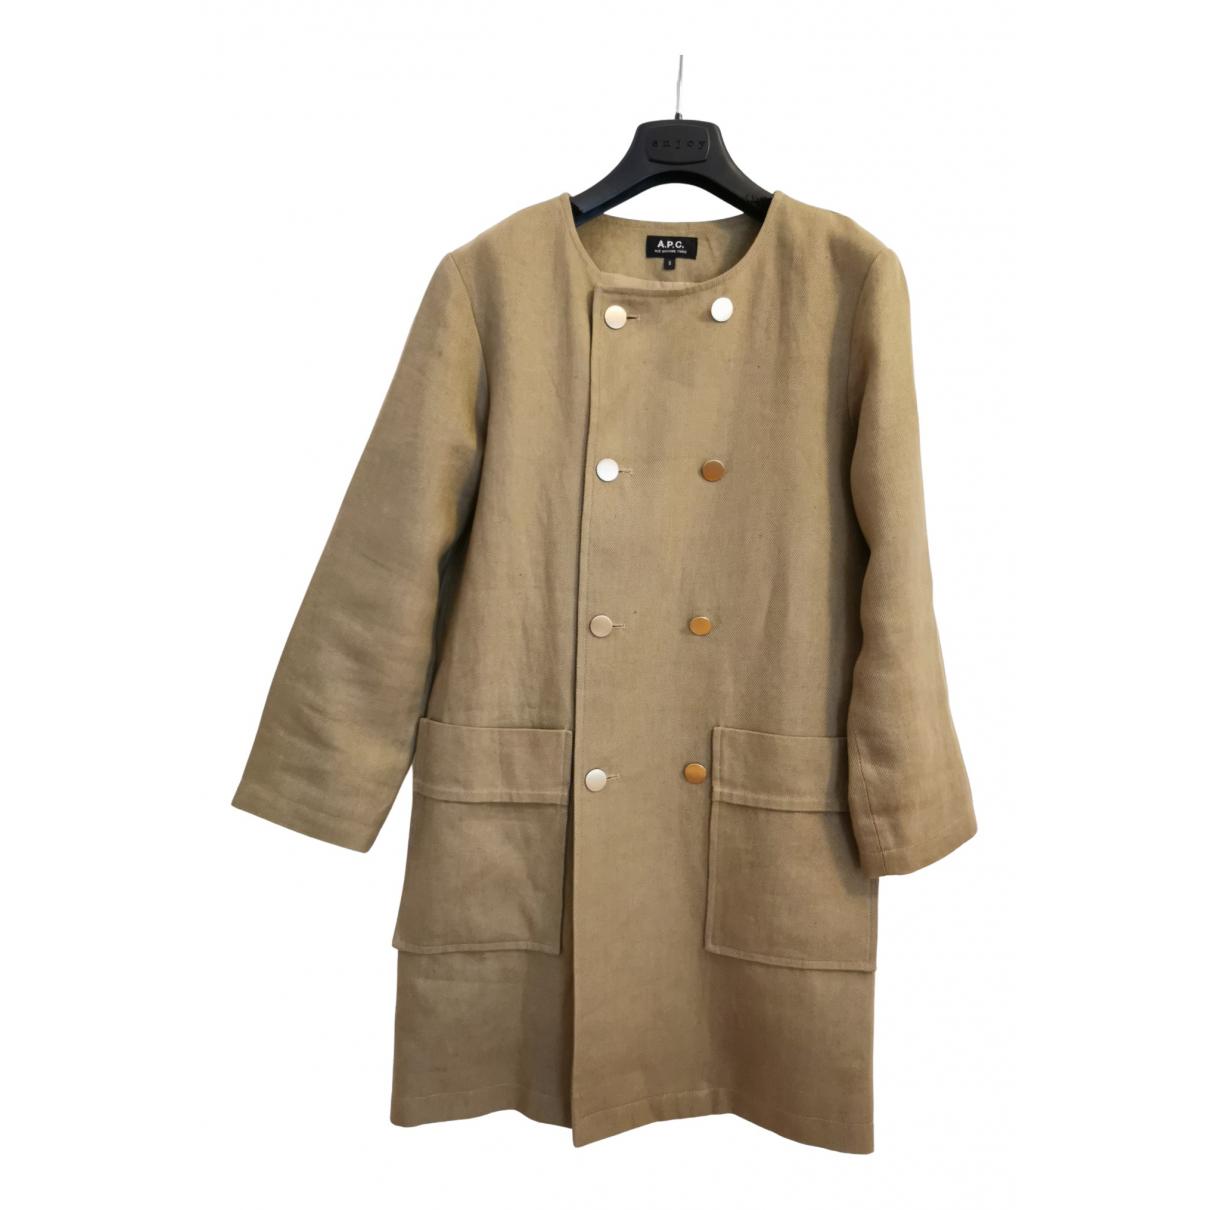 Apc - Manteau   pour femme en lin - kaki